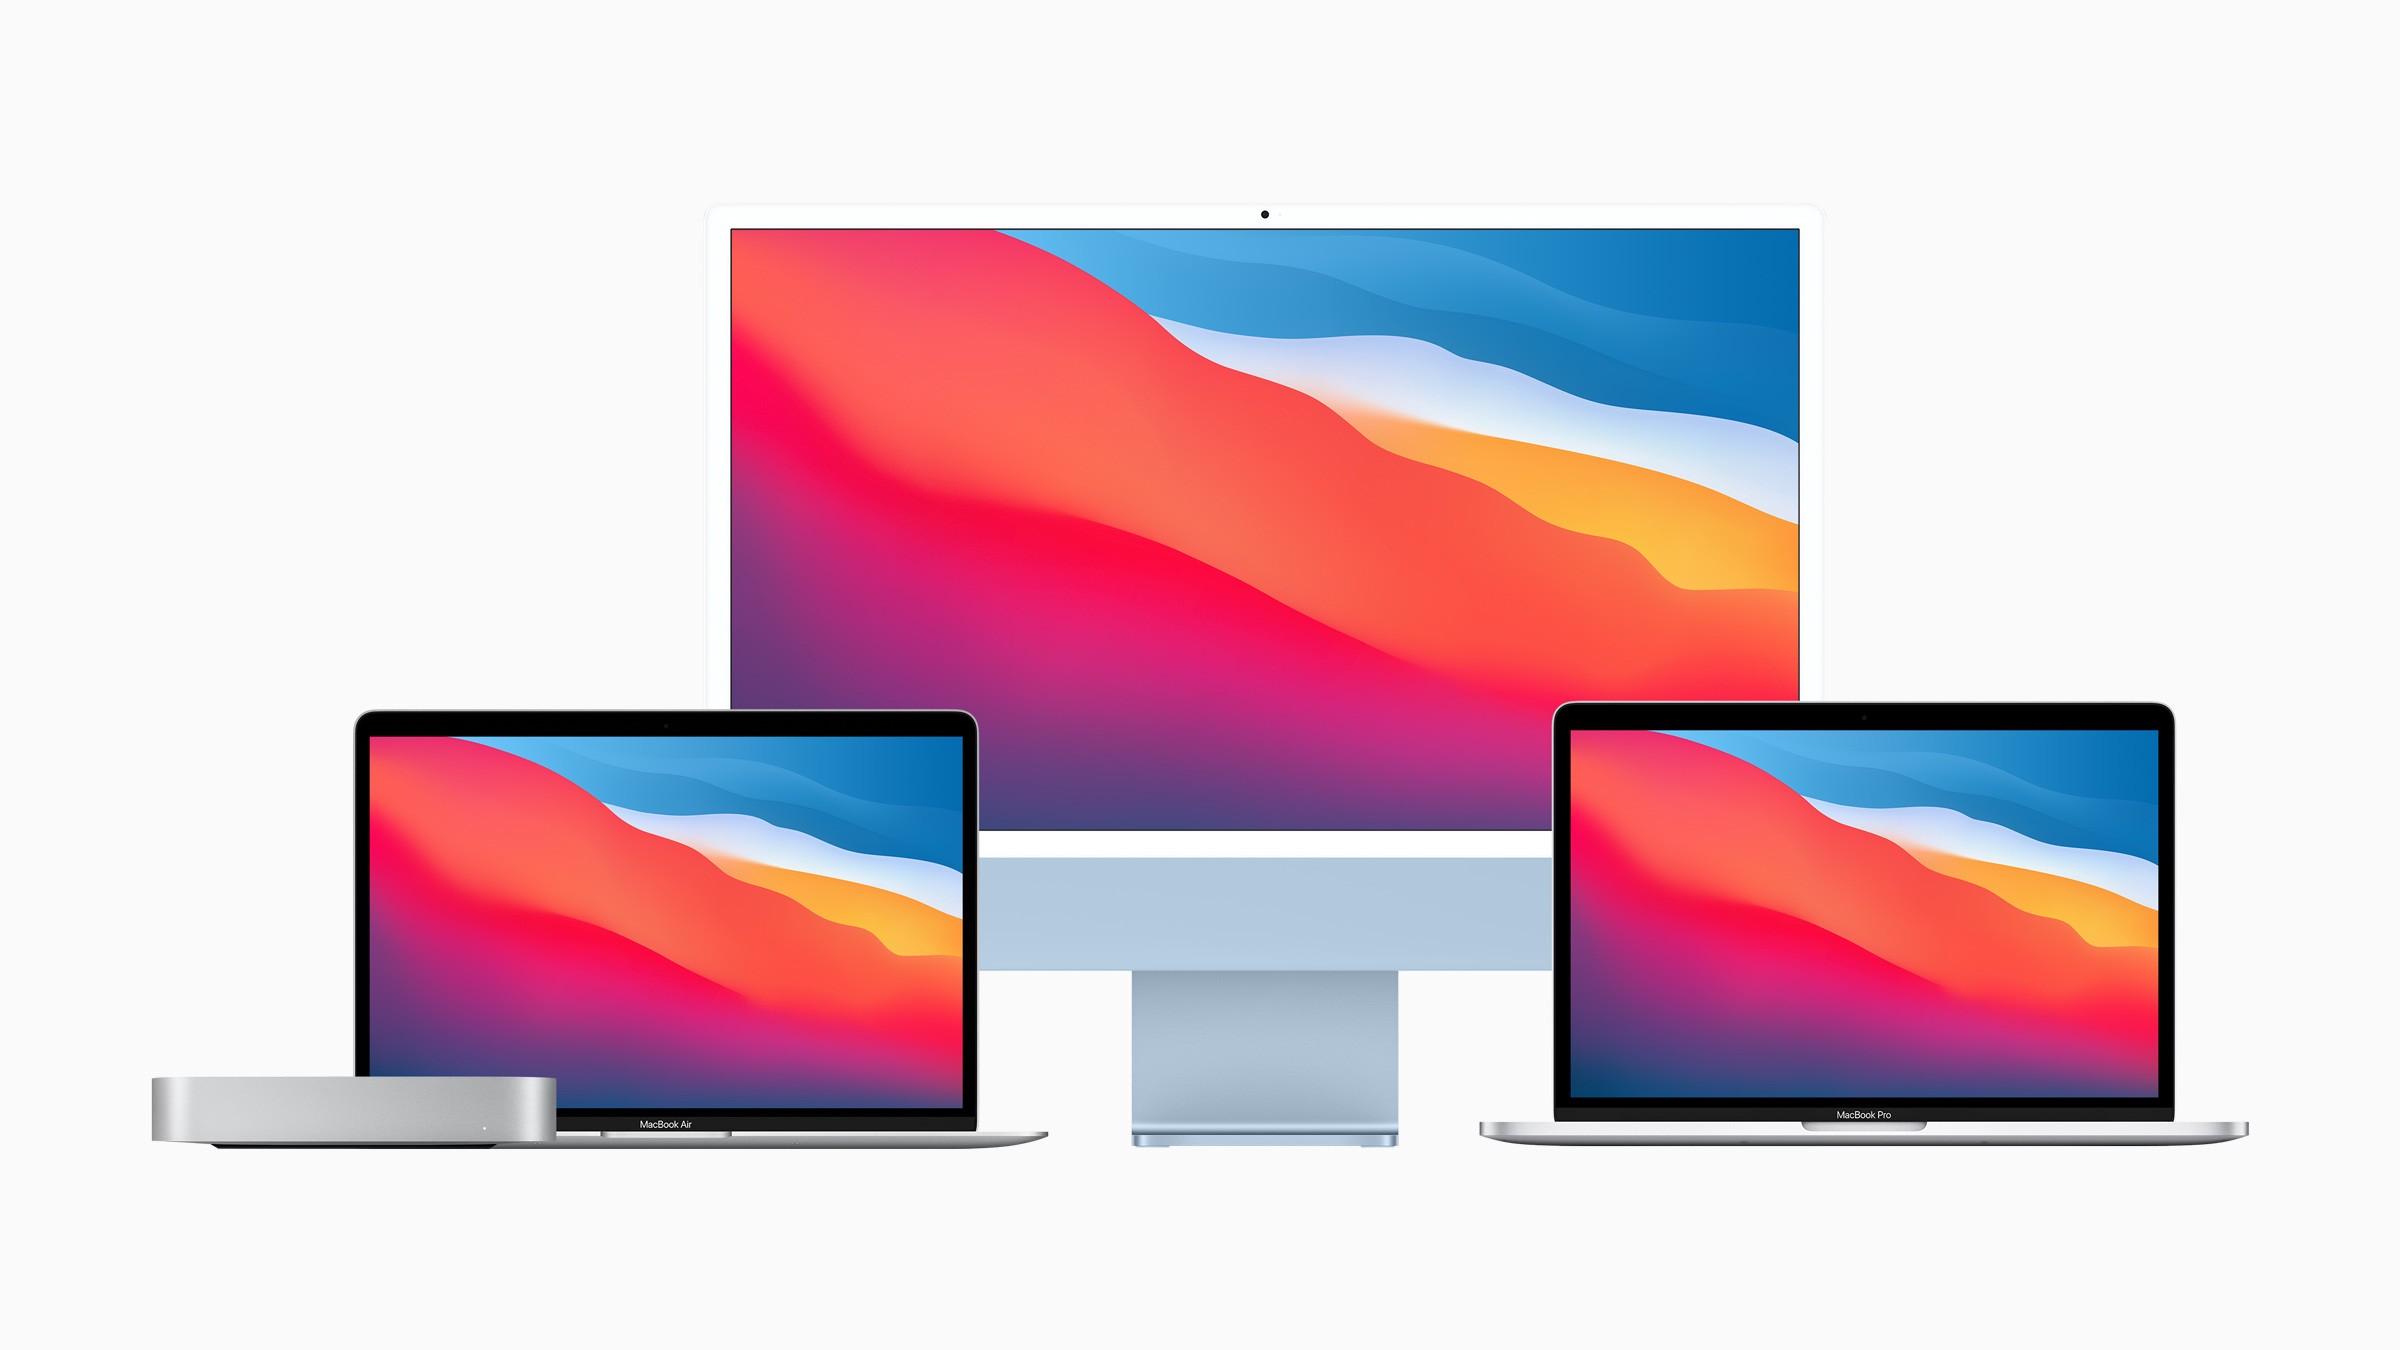 Uppdaterat Apple ryktas börja leverera datorer med nästa M-chip i sommar Kan vi få se ett smakprov av dem redan på ...